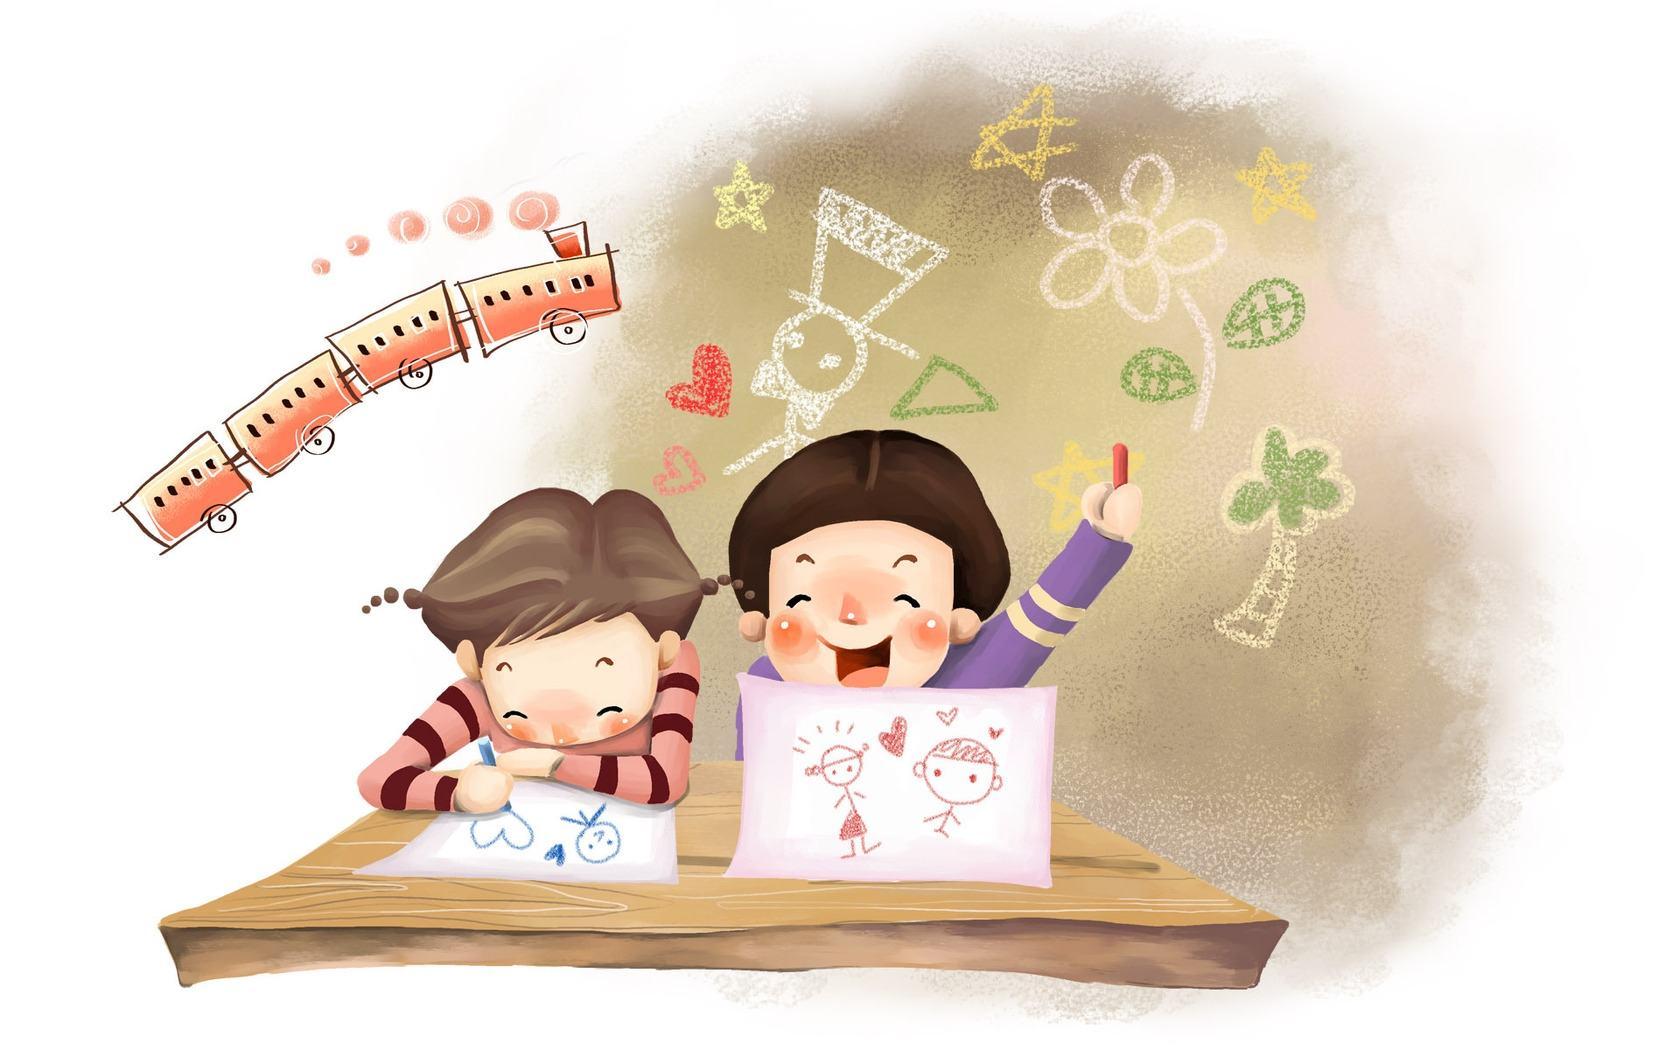 http://ns-wall.ru/fg/6/risunok_deti_detstvo_risovanie_fantaziya_smeh_1680x1050.jpg